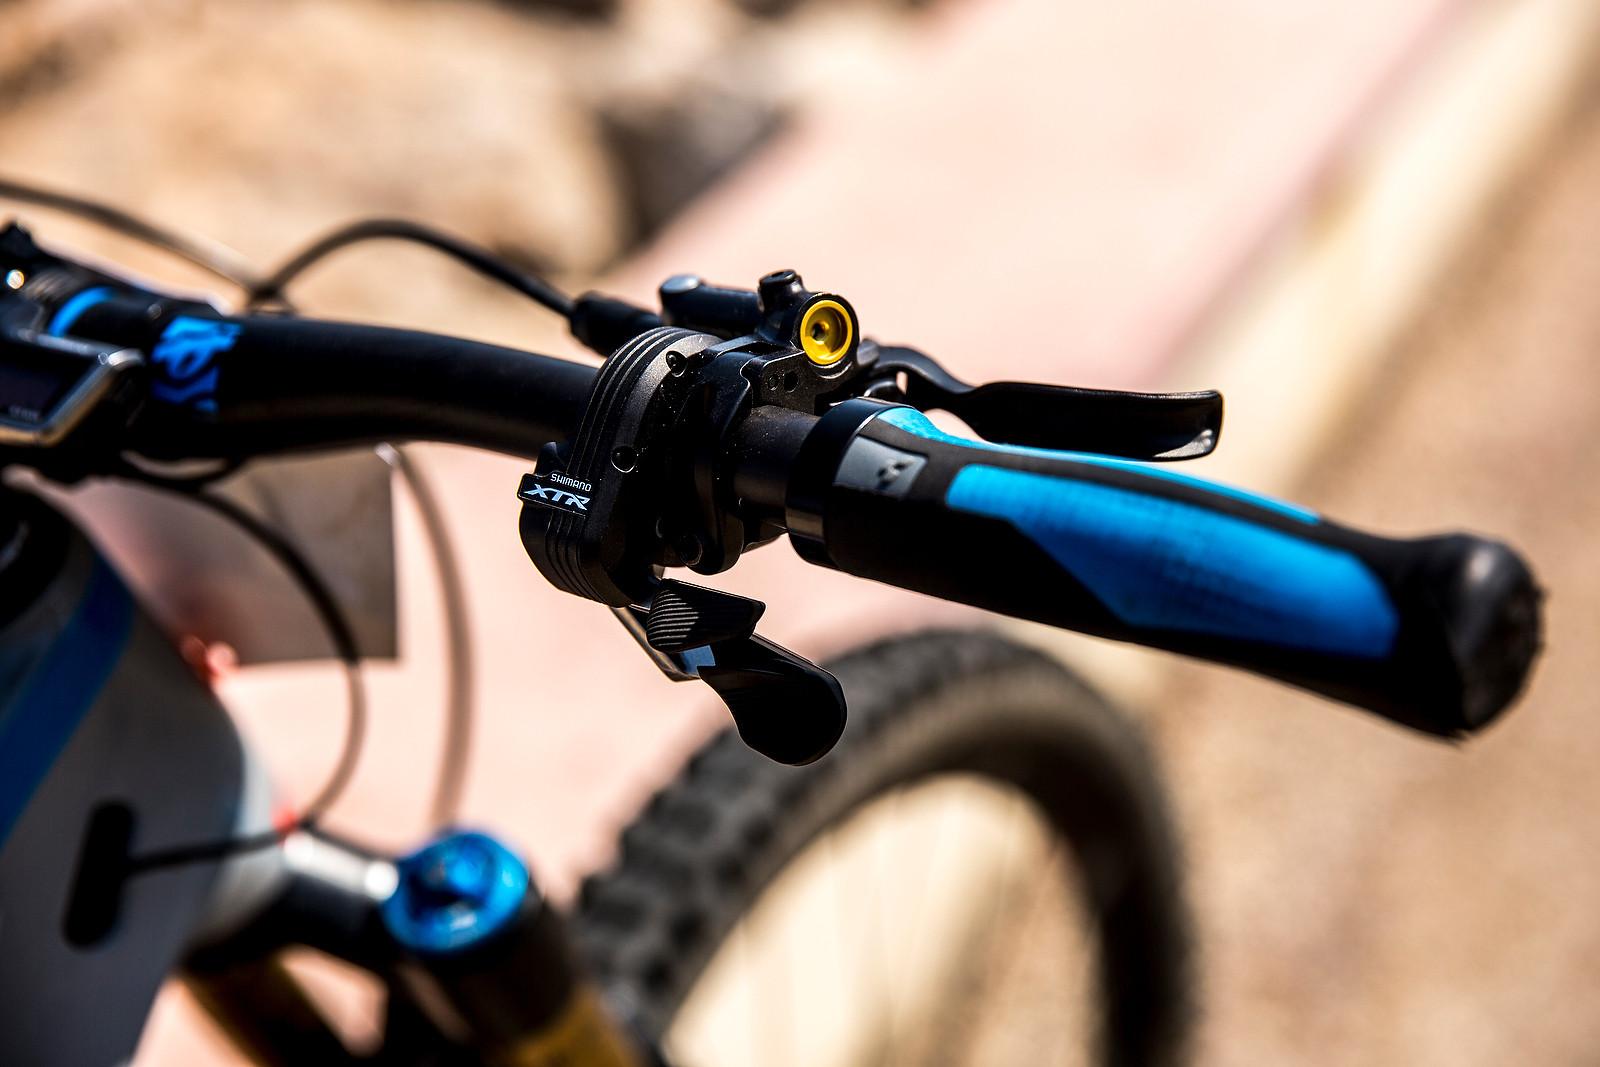 Shimano XTR Di2 Rear Shifter - WINNING BIKE: Nico Lau's Cube Stereo 140 29 - Mountain Biking Pictures - Vital MTB